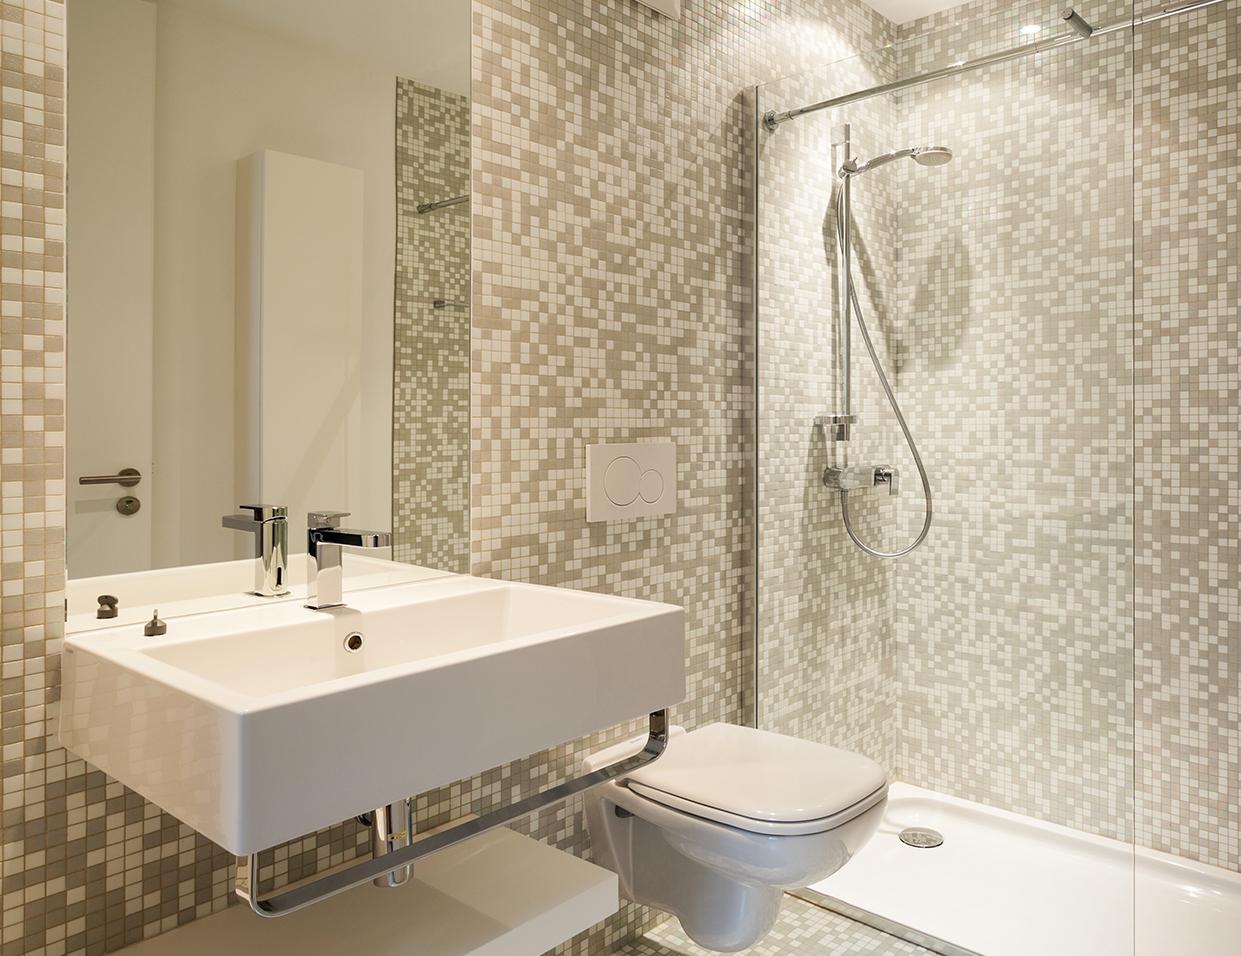 Salle de bain mosaique perfect carrelage mosaique for Mosaique murale salle de bain